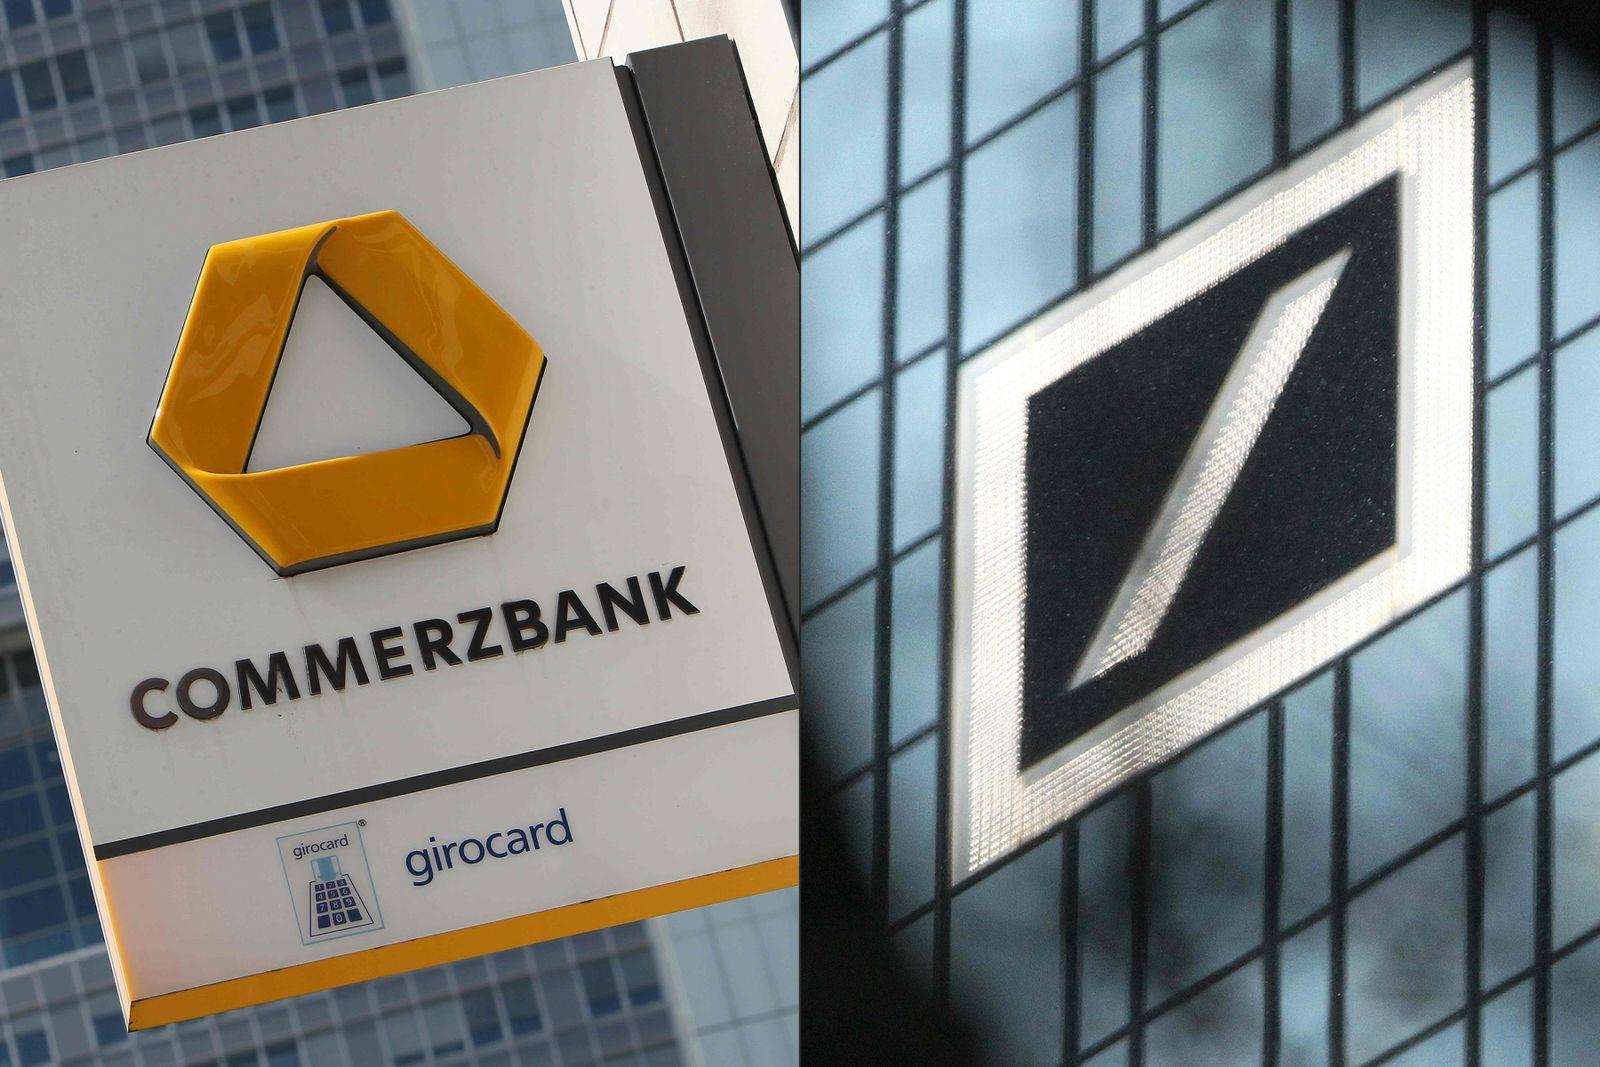 FILES-COMBO-GERMANY-UNIONS-BANKING-MERGER-DEUTSCHEBANK-COMMERZBA